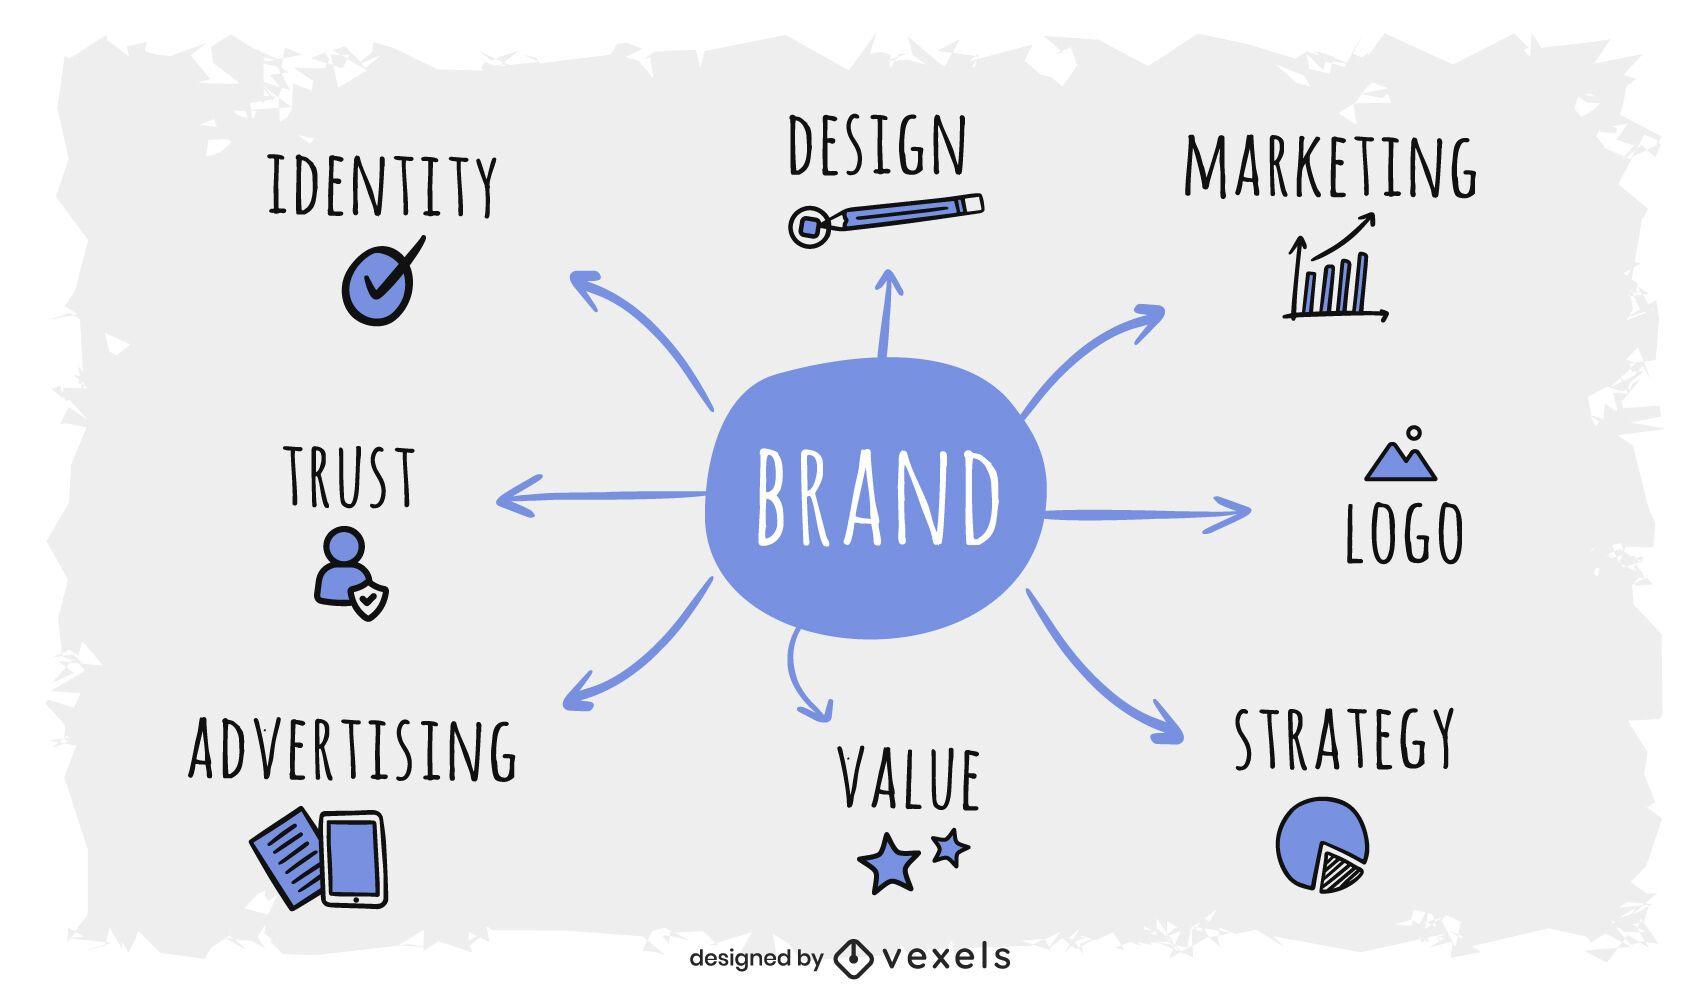 Diseño de mapa mental de marca